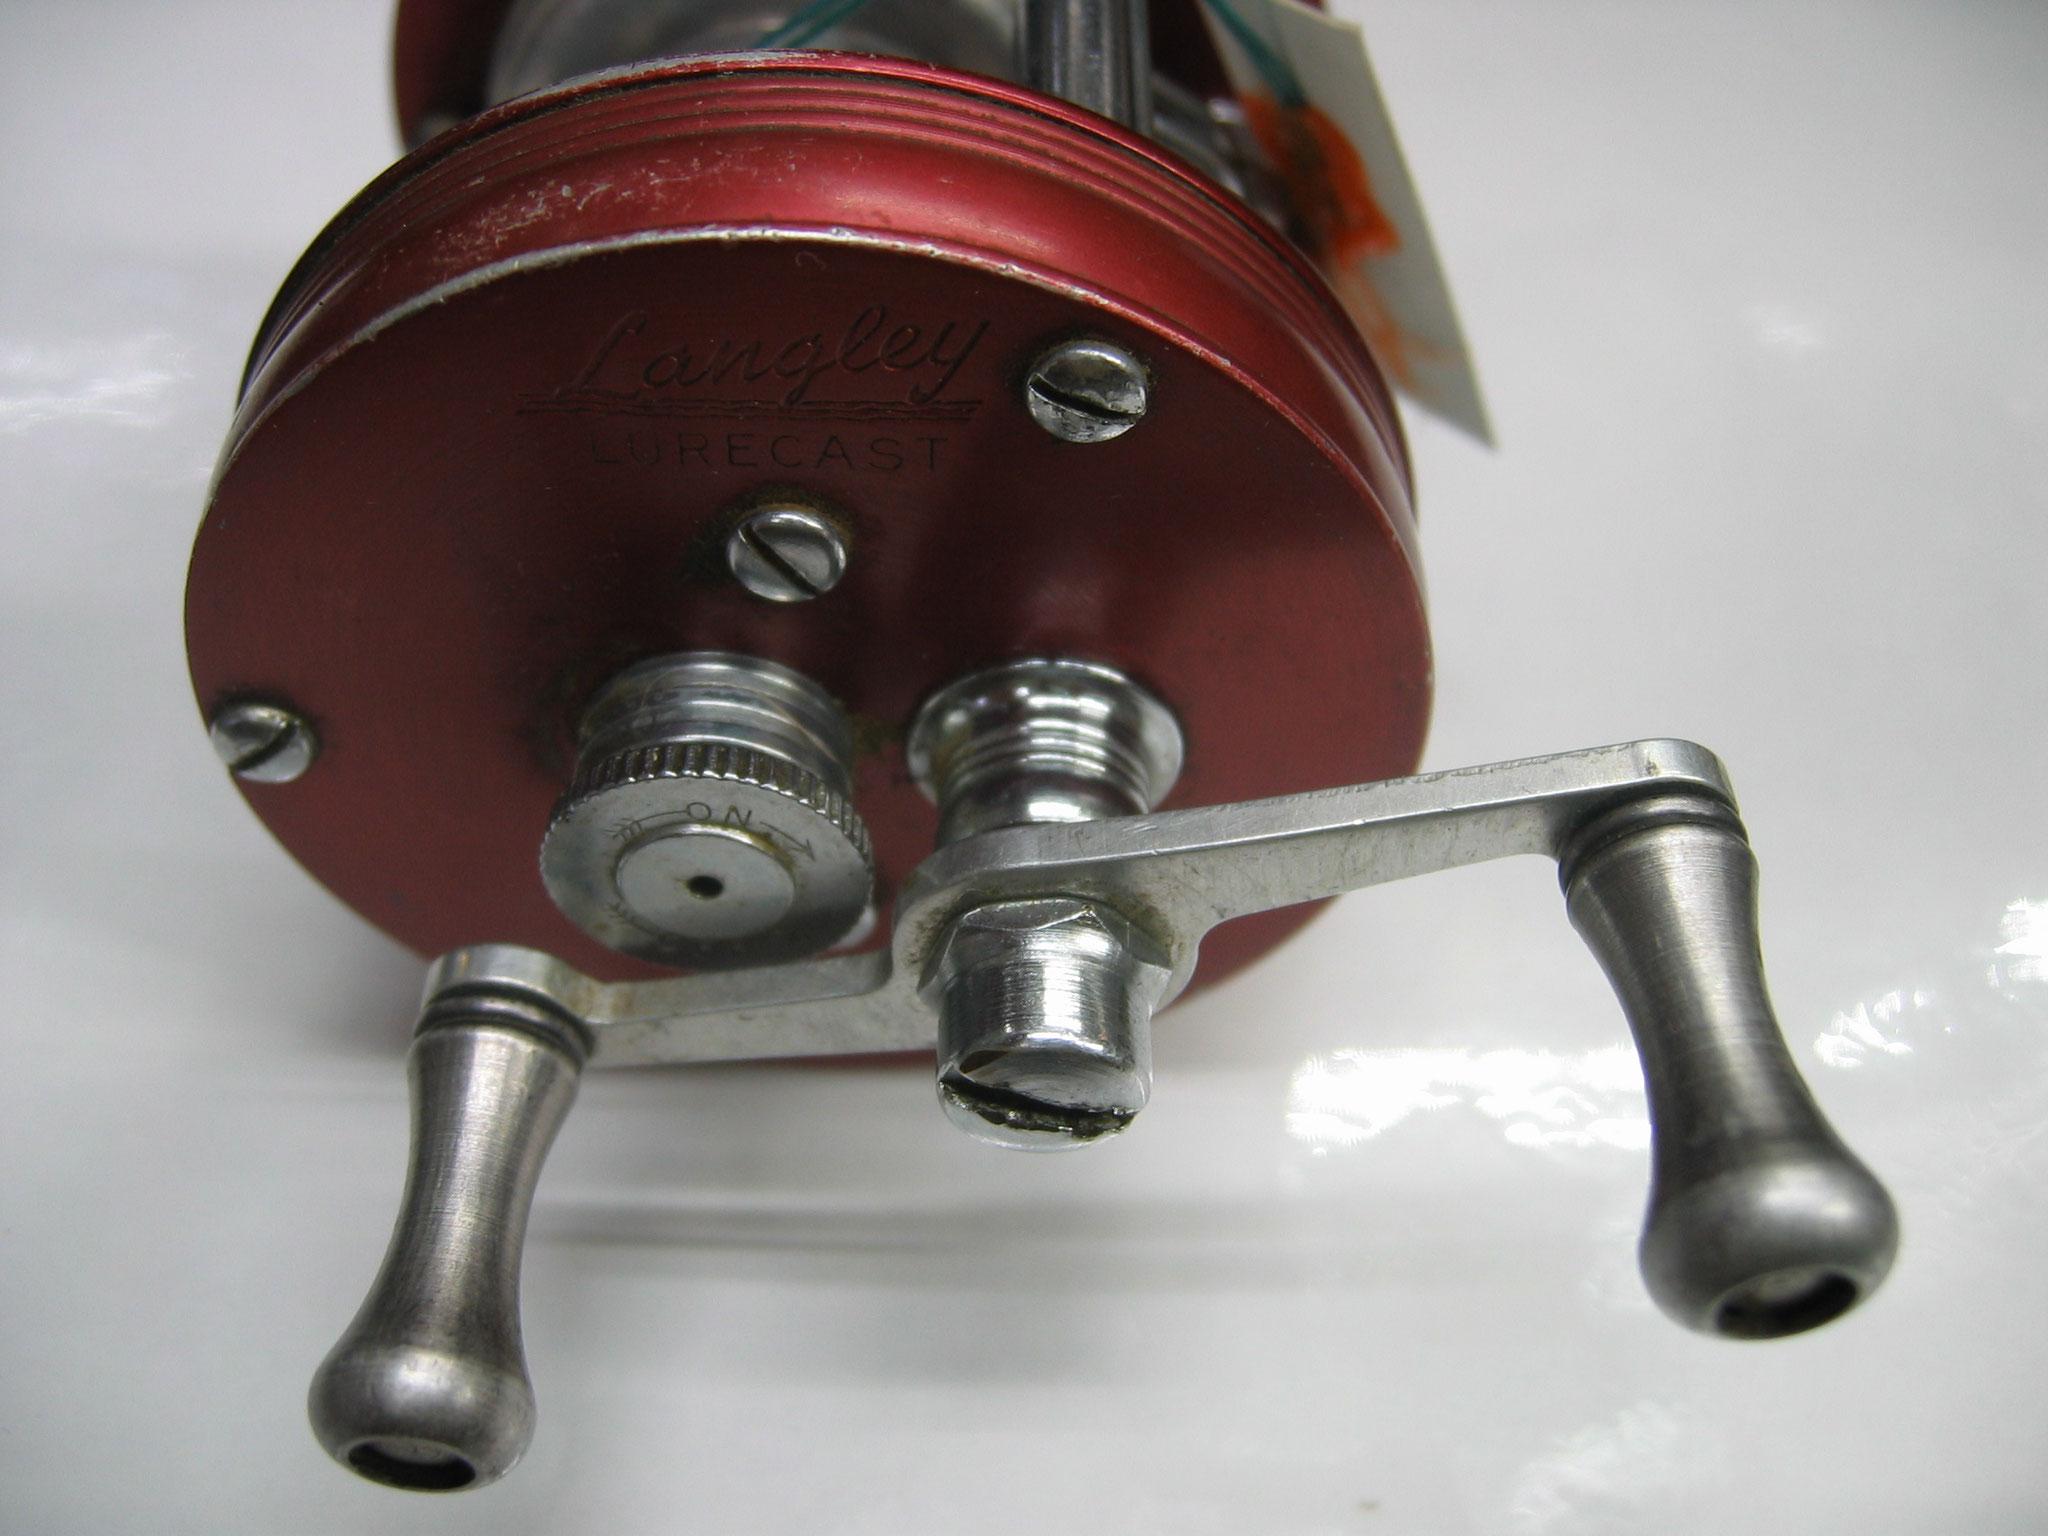 ひさびさのルアーキャスト入荷です。ハンドルノブは金属で固着ナシです。15800円